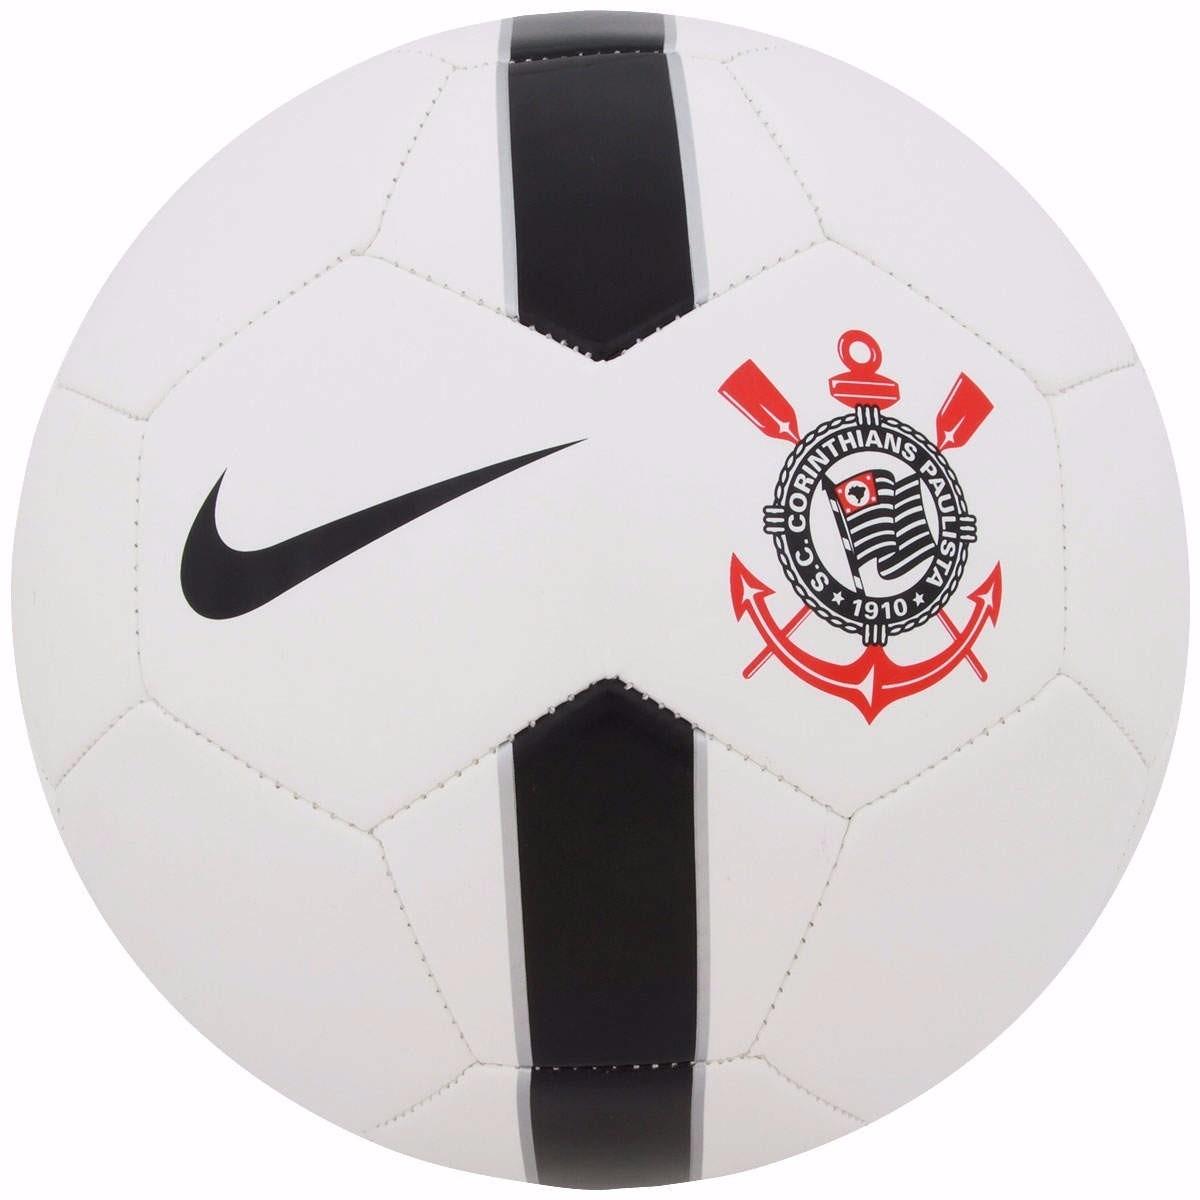 d78bd46b4b bola nike - bola de futebol corinthians supporters -original. Carregando  zoom.